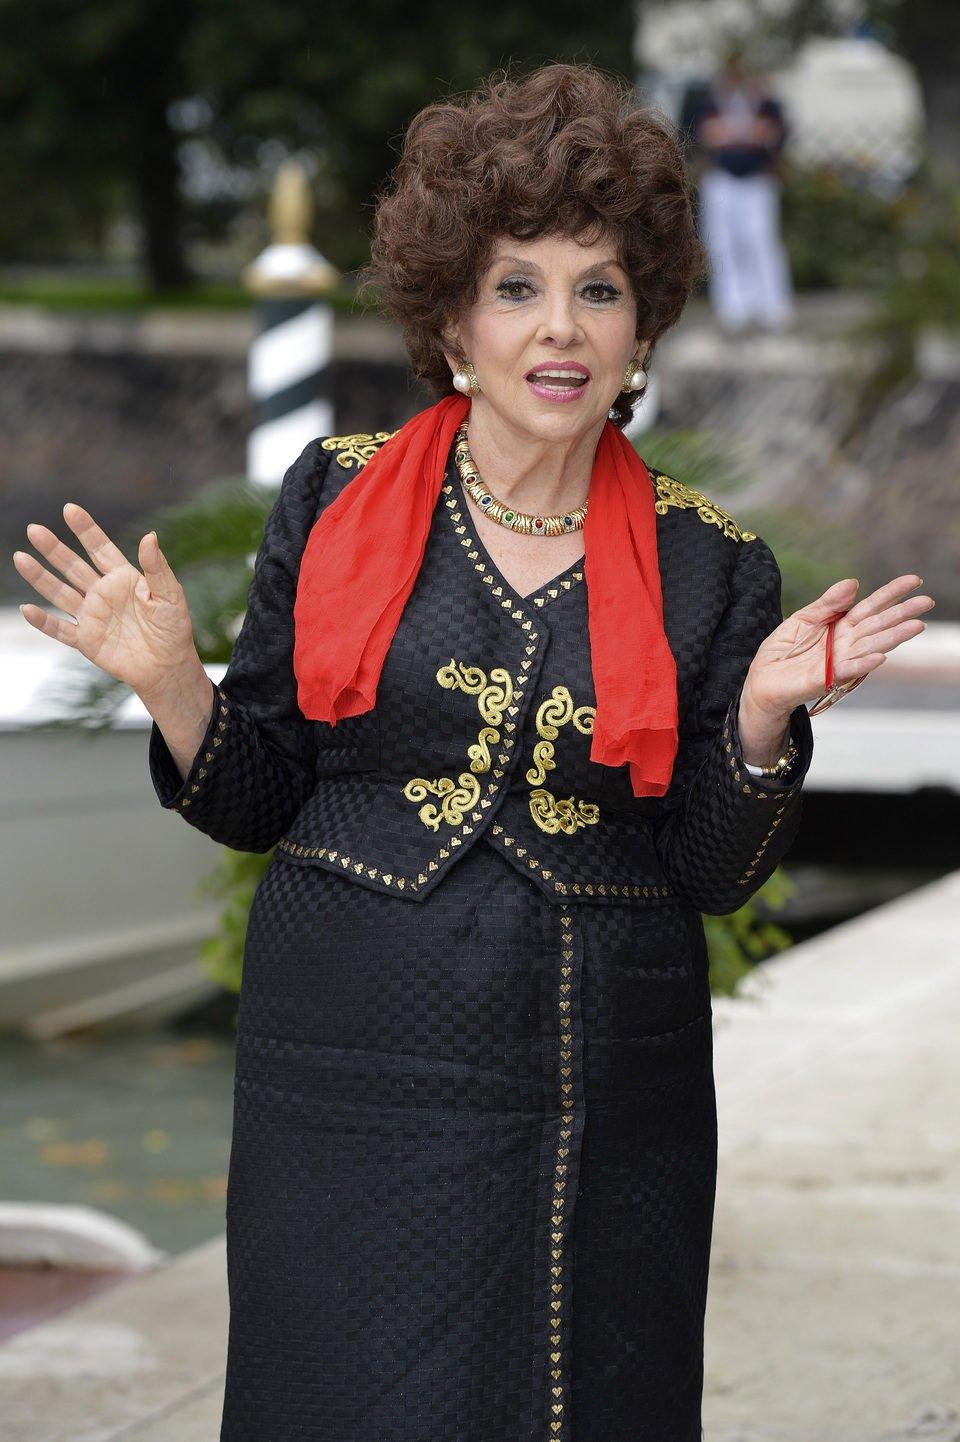 Gina Lollobrigida en la Mostra de Venecia 2012